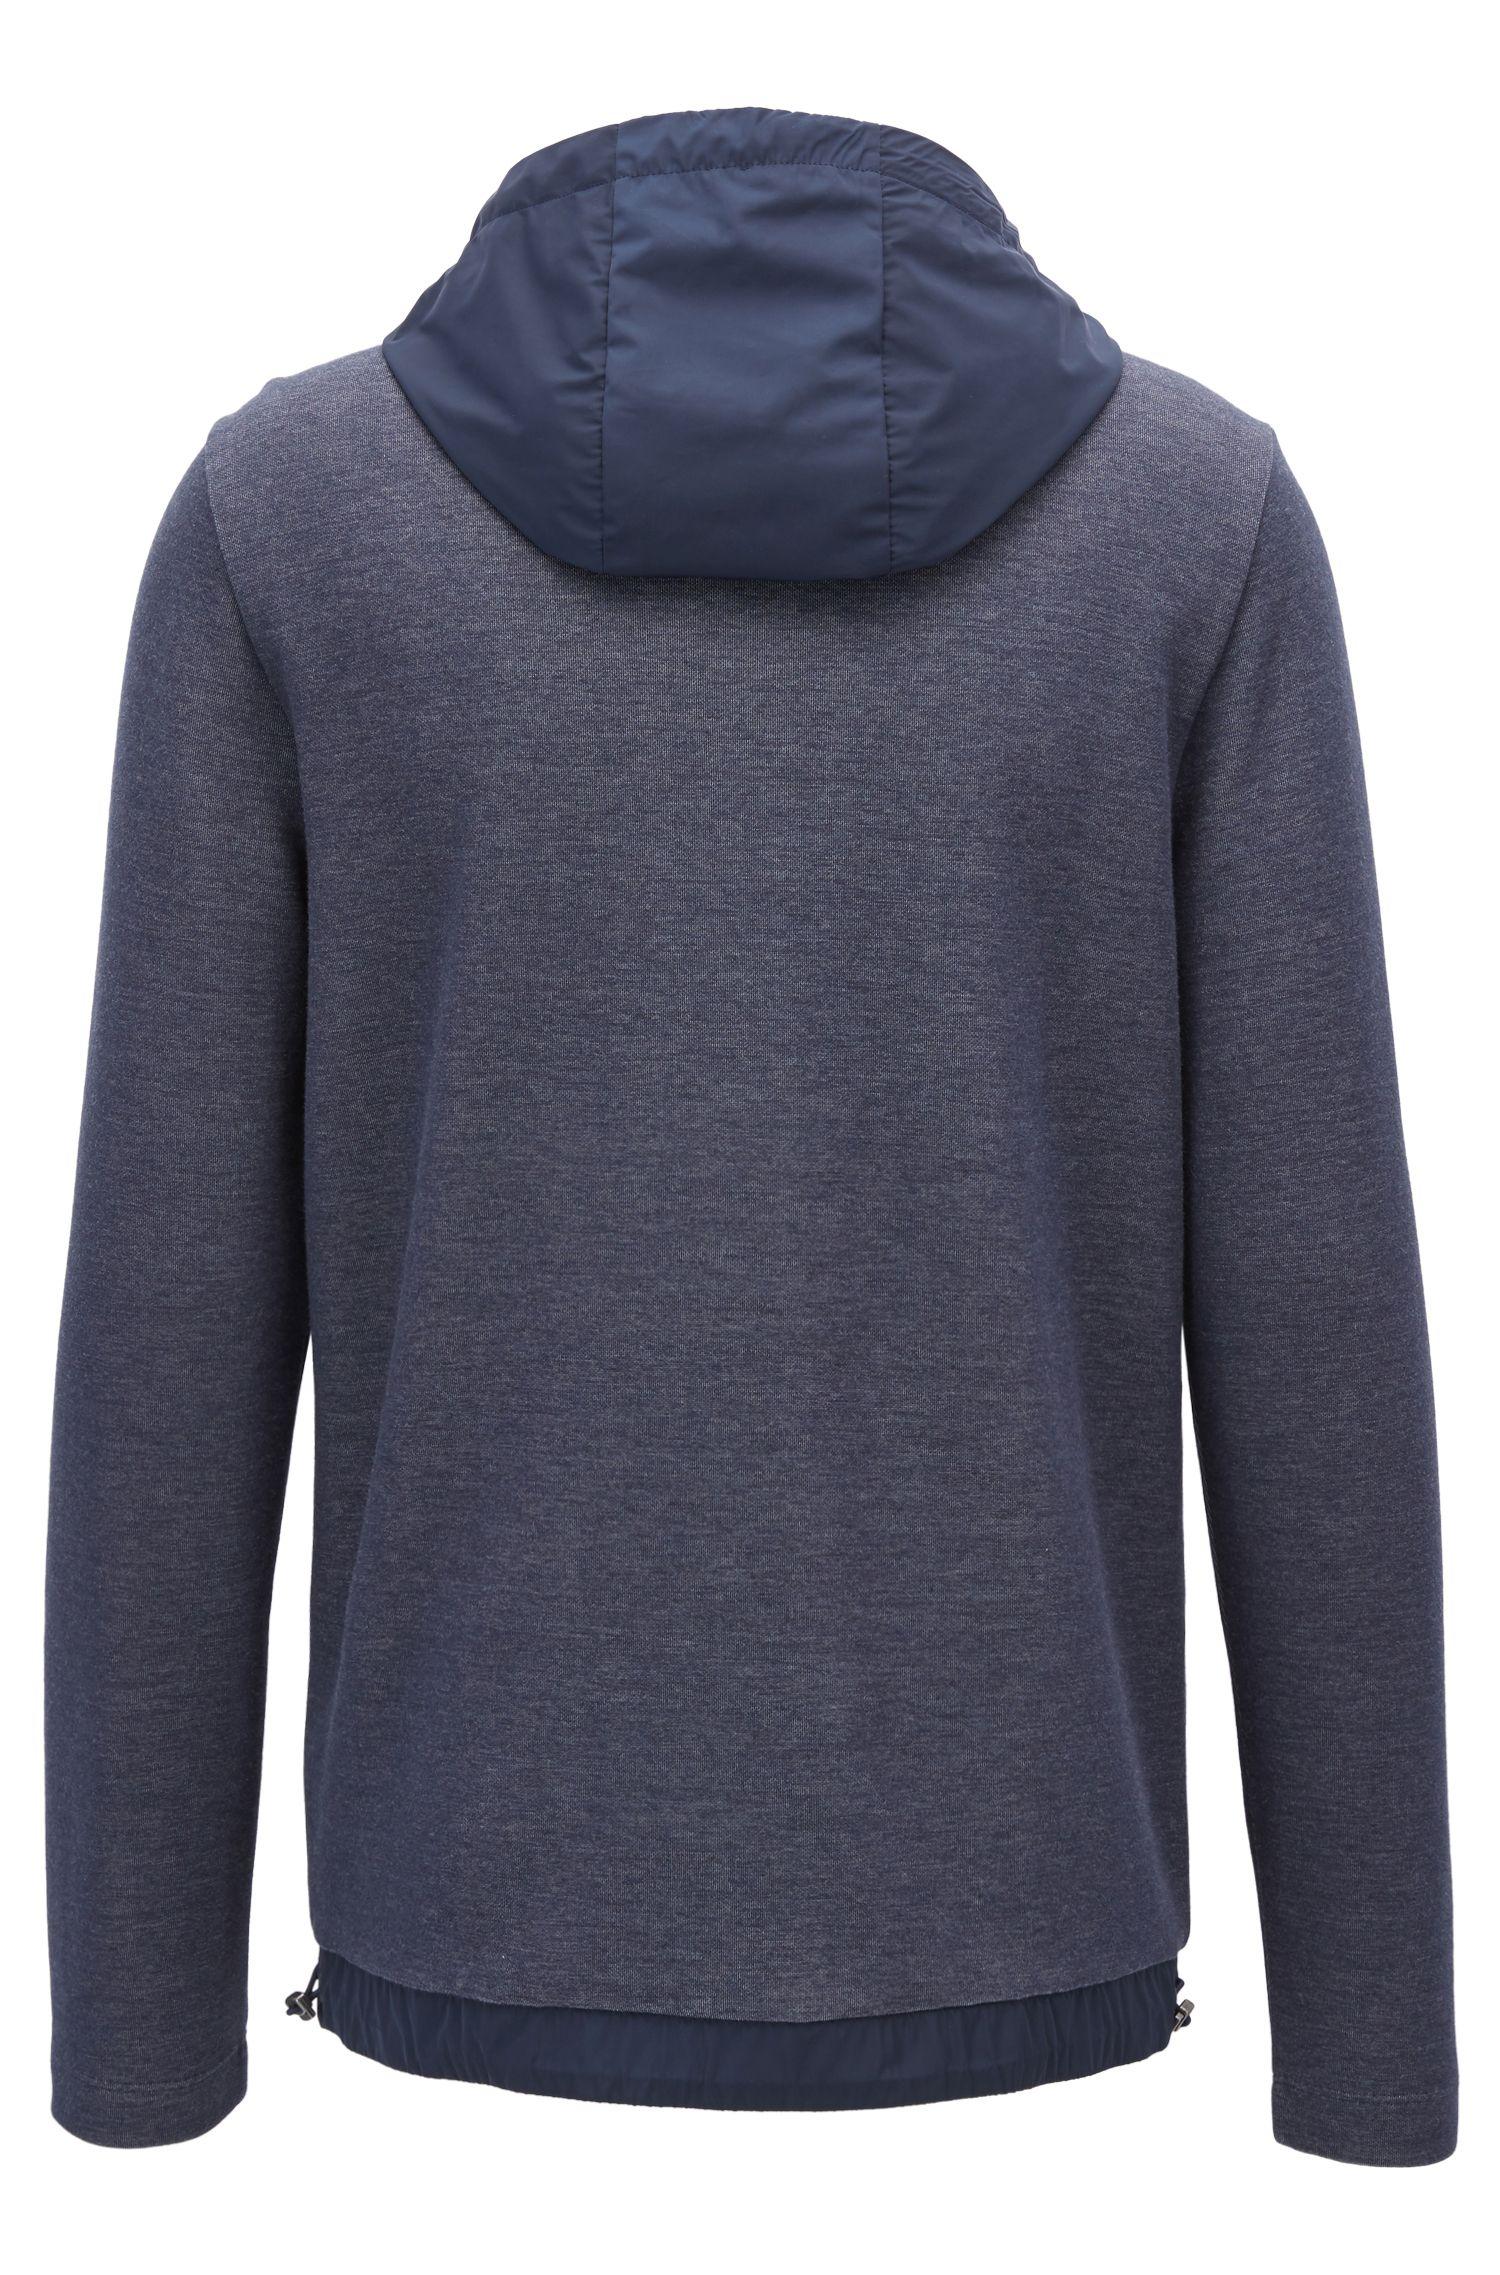 Cotton Blend Sweatshirt   Seeger, Dark Blue